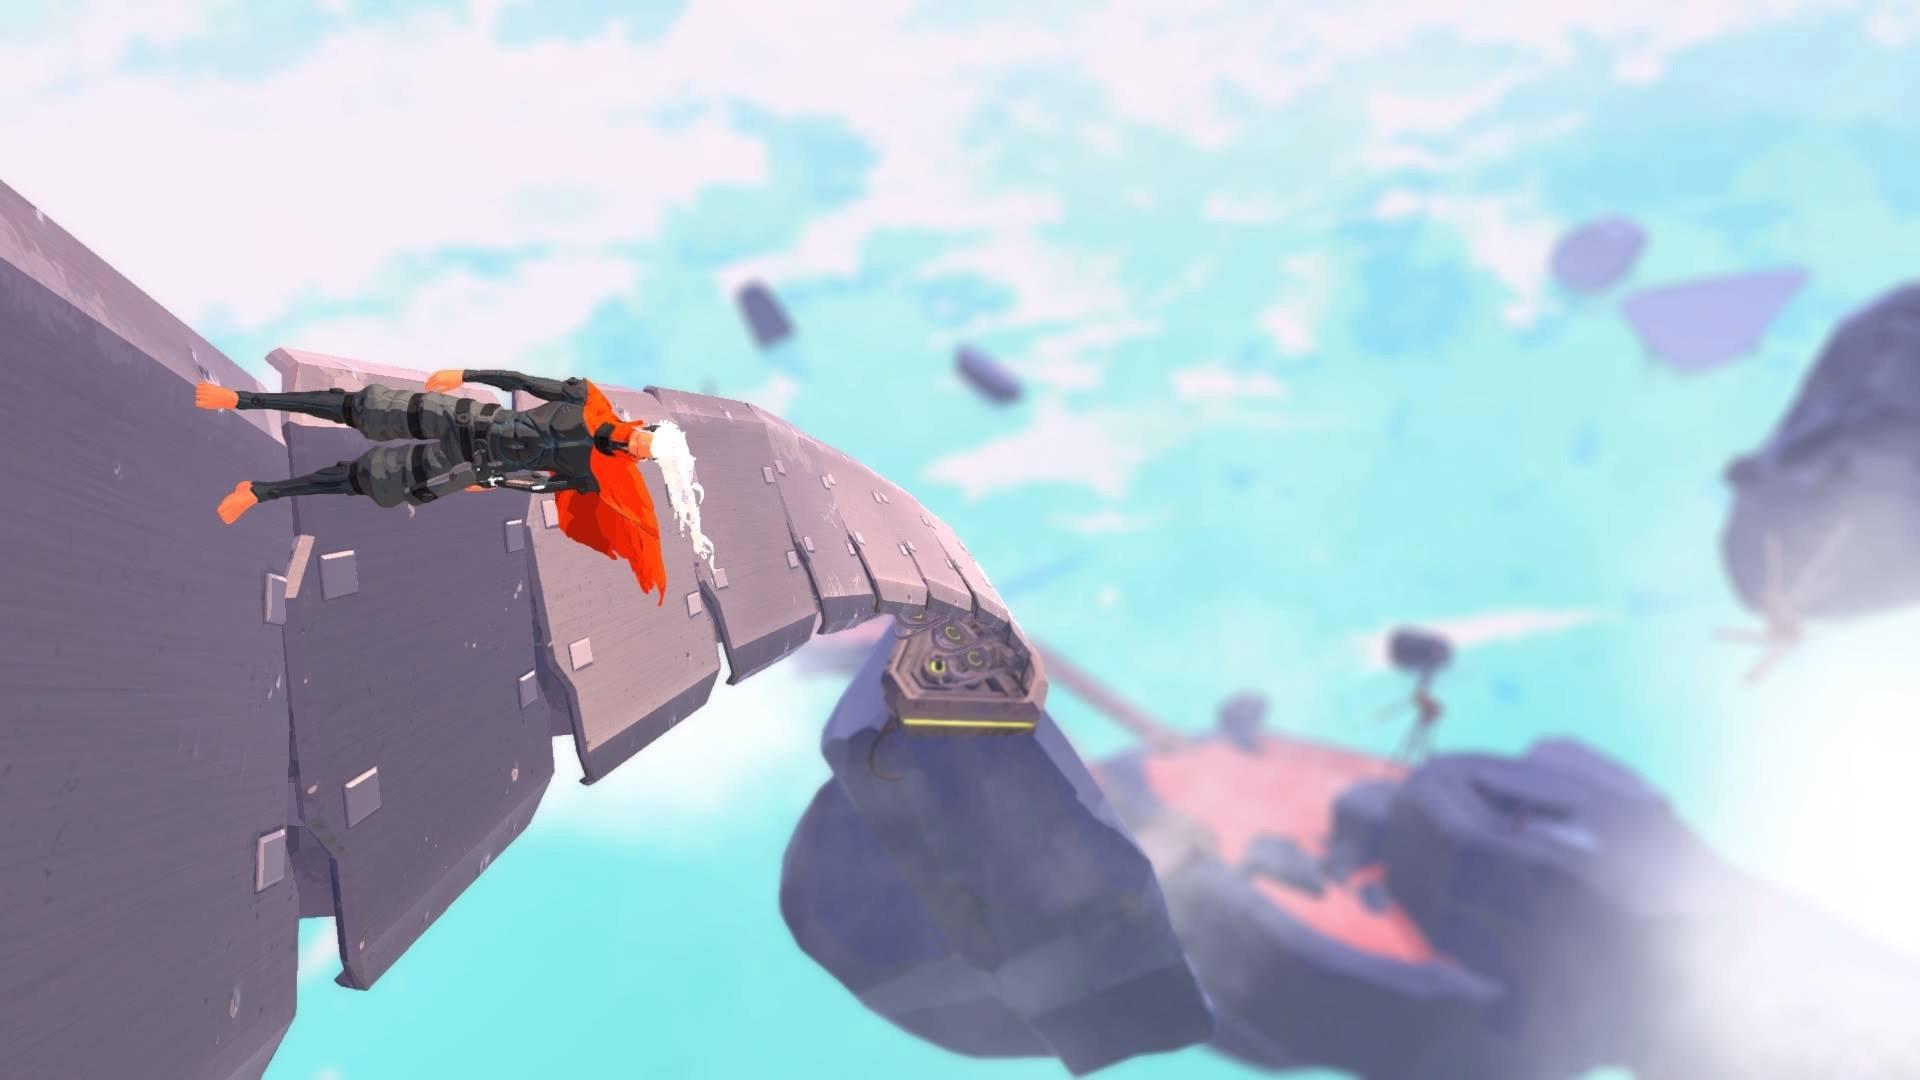 Furi isn't flawless on Switch but it's still darn good screenshot